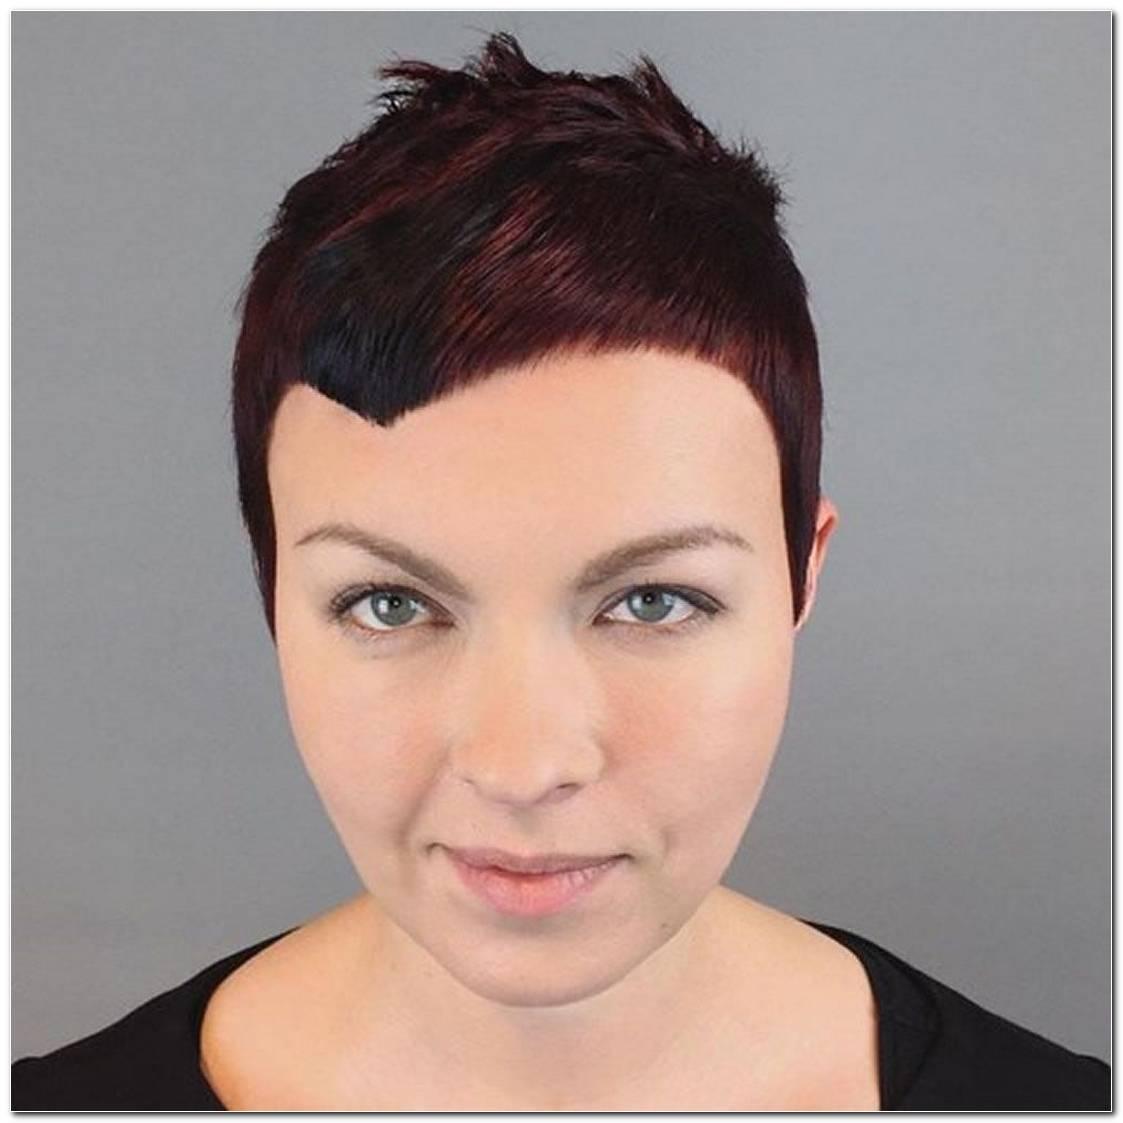 Frisur Feines Haar Breites Gesicht